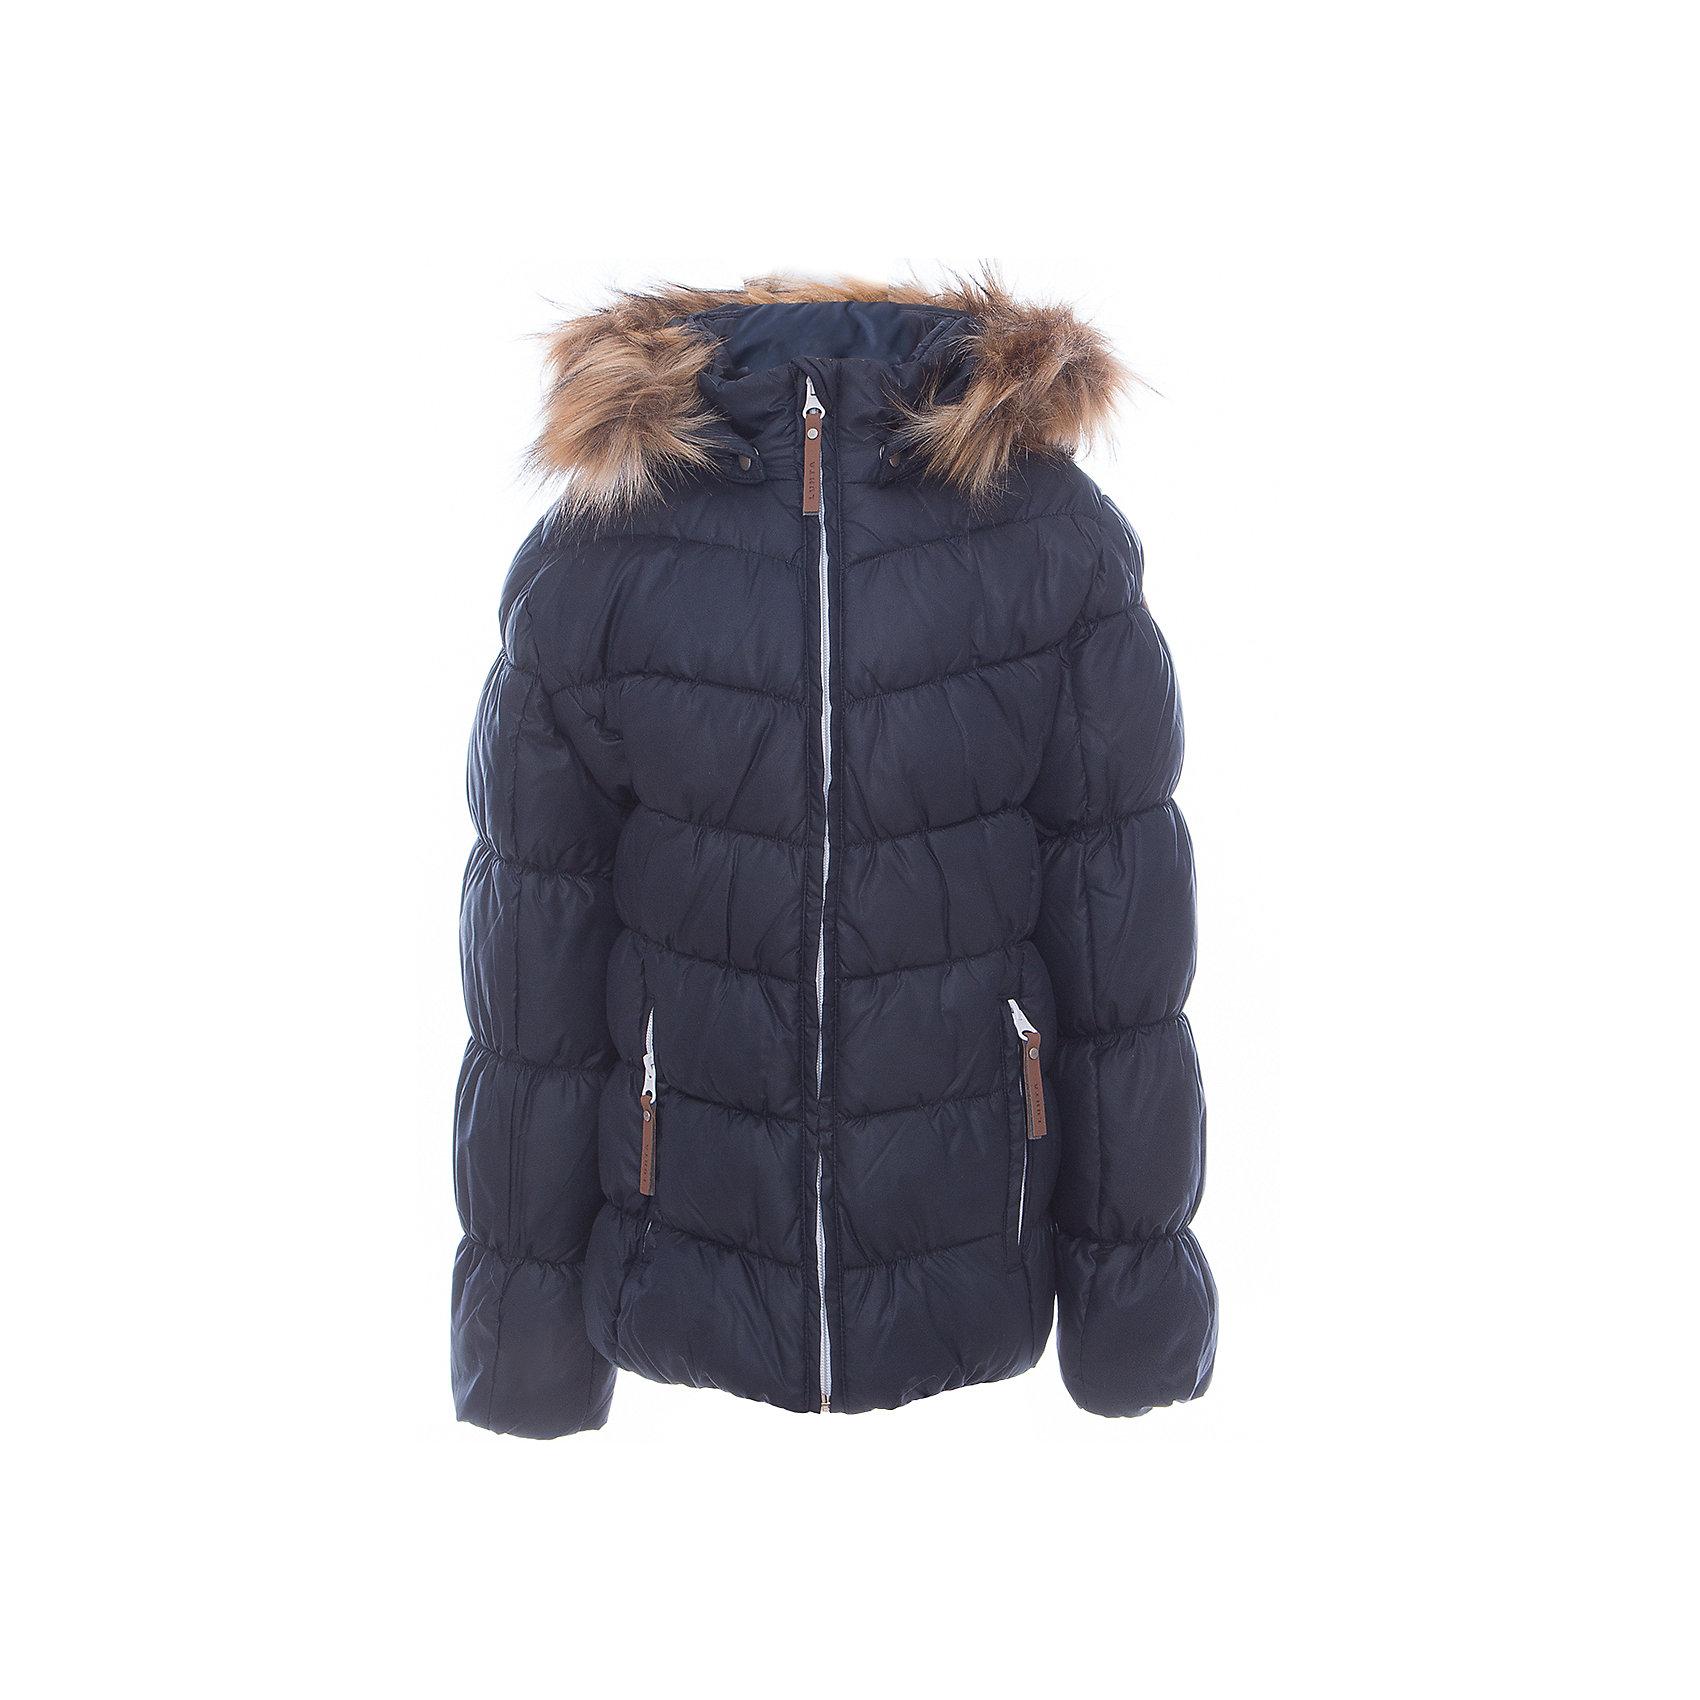 Куртка для девочки LuhtaОдежда<br>Куртка для девочки от известного бренда Luhta.<br>Куртка с отстегивающимся капюшоном, искусственный мех, элегантный силуэт, декоративная прострочка, боковые карманы на молнии, утепление 280 гр. Рекомендуемый температурный режим до -30 град. Внутри пальто находится температурный датчик.<br>Технологии: Luhta WATER REPELLENT; Luhta SAFETY; Luhta TEMPERATURE CONTROL; Luhta DOWN MIX; Luhta -30; Reflectors<br>Состав:<br>100% полиэстер<br><br>Ширина мм: 356<br>Глубина мм: 10<br>Высота мм: 245<br>Вес г: 519<br>Цвет: синий<br>Возраст от месяцев: 156<br>Возраст до месяцев: 168<br>Пол: Женский<br>Возраст: Детский<br>Размер: 164,134,140,146,152,158<br>SKU: 5413989